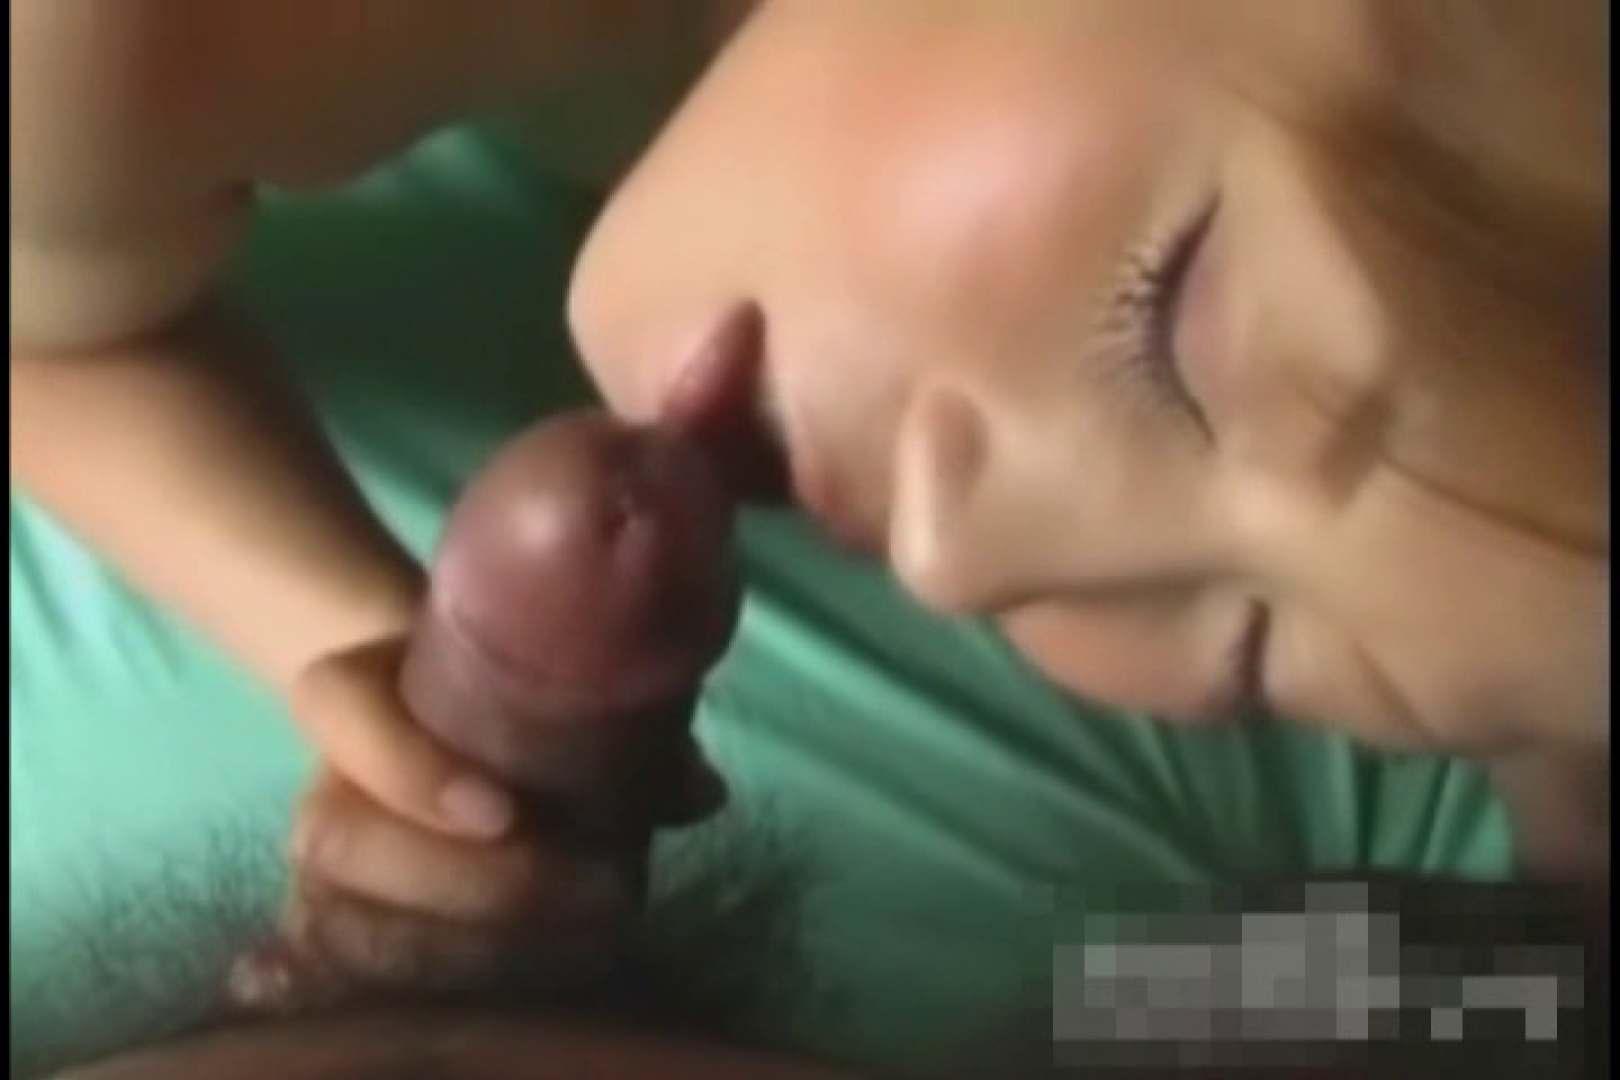 淫乱嬢レミちゃんとハメ撮りSEX 巨乳デカ乳 | 一般投稿  82画像 39